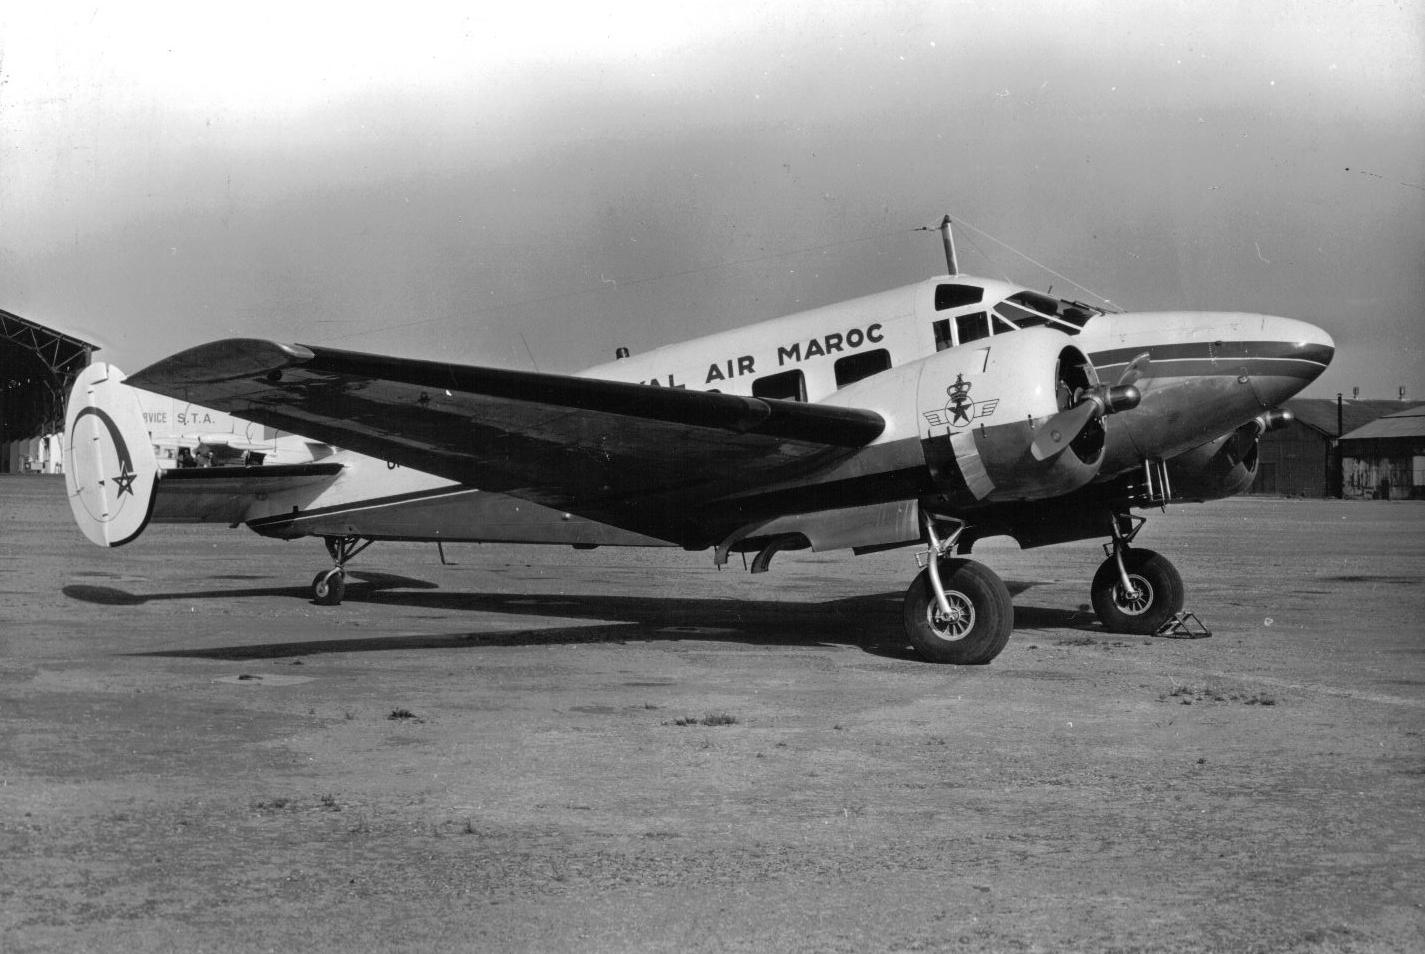 Anciens avions de la RAM - Page 4 50956936426_a2ef3dc89d_o_d